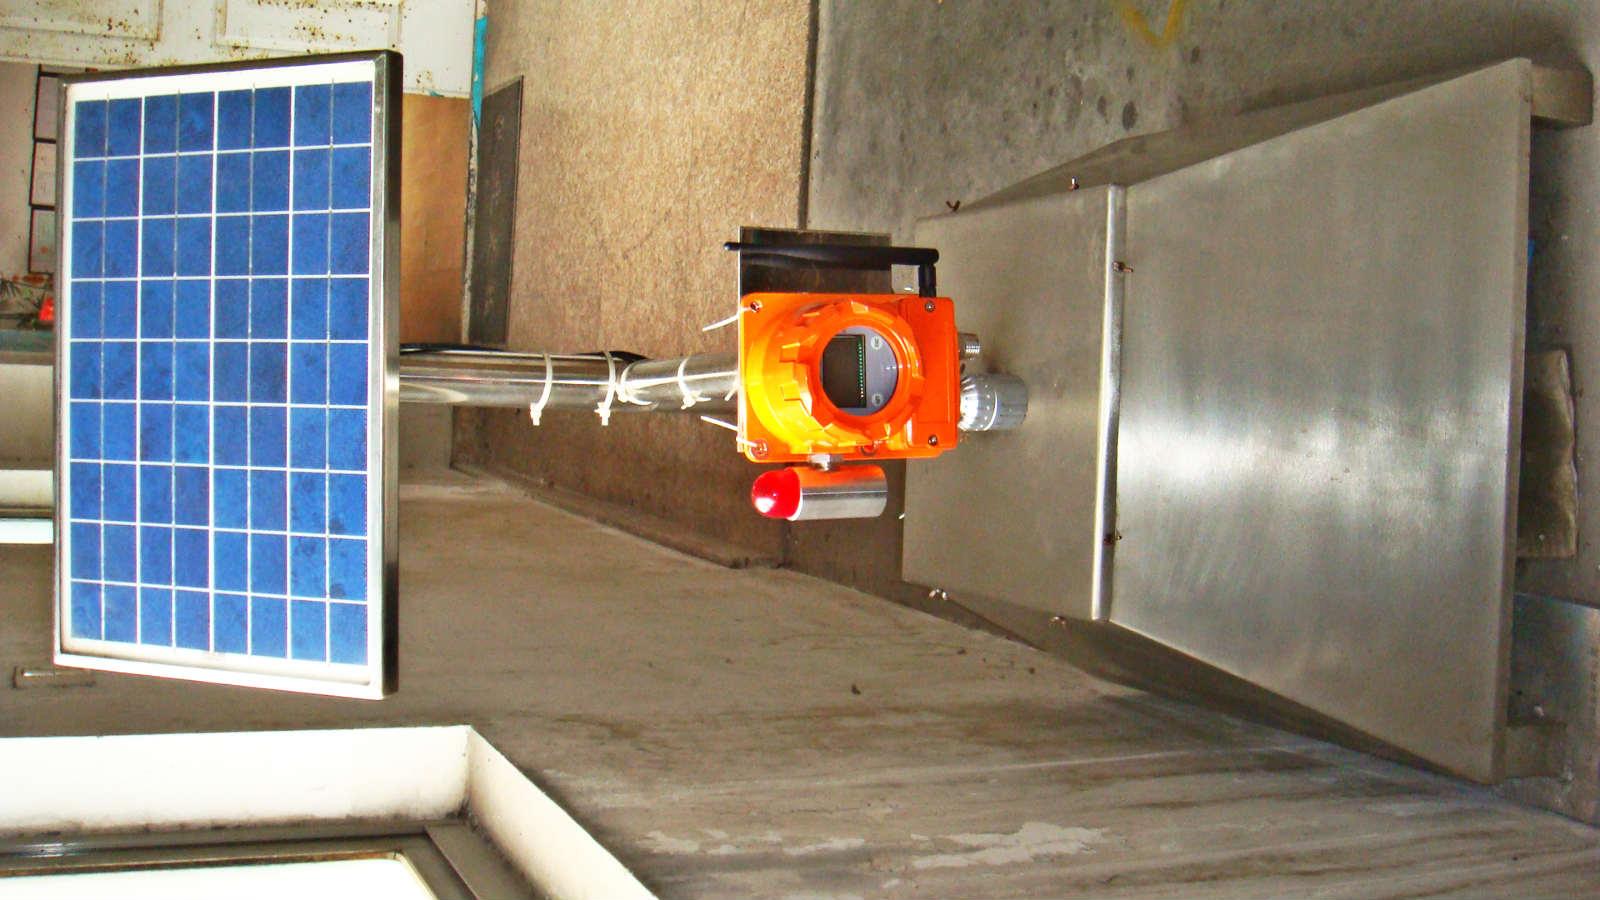 上海市可燃气体检测仪促销信息的新相关信息